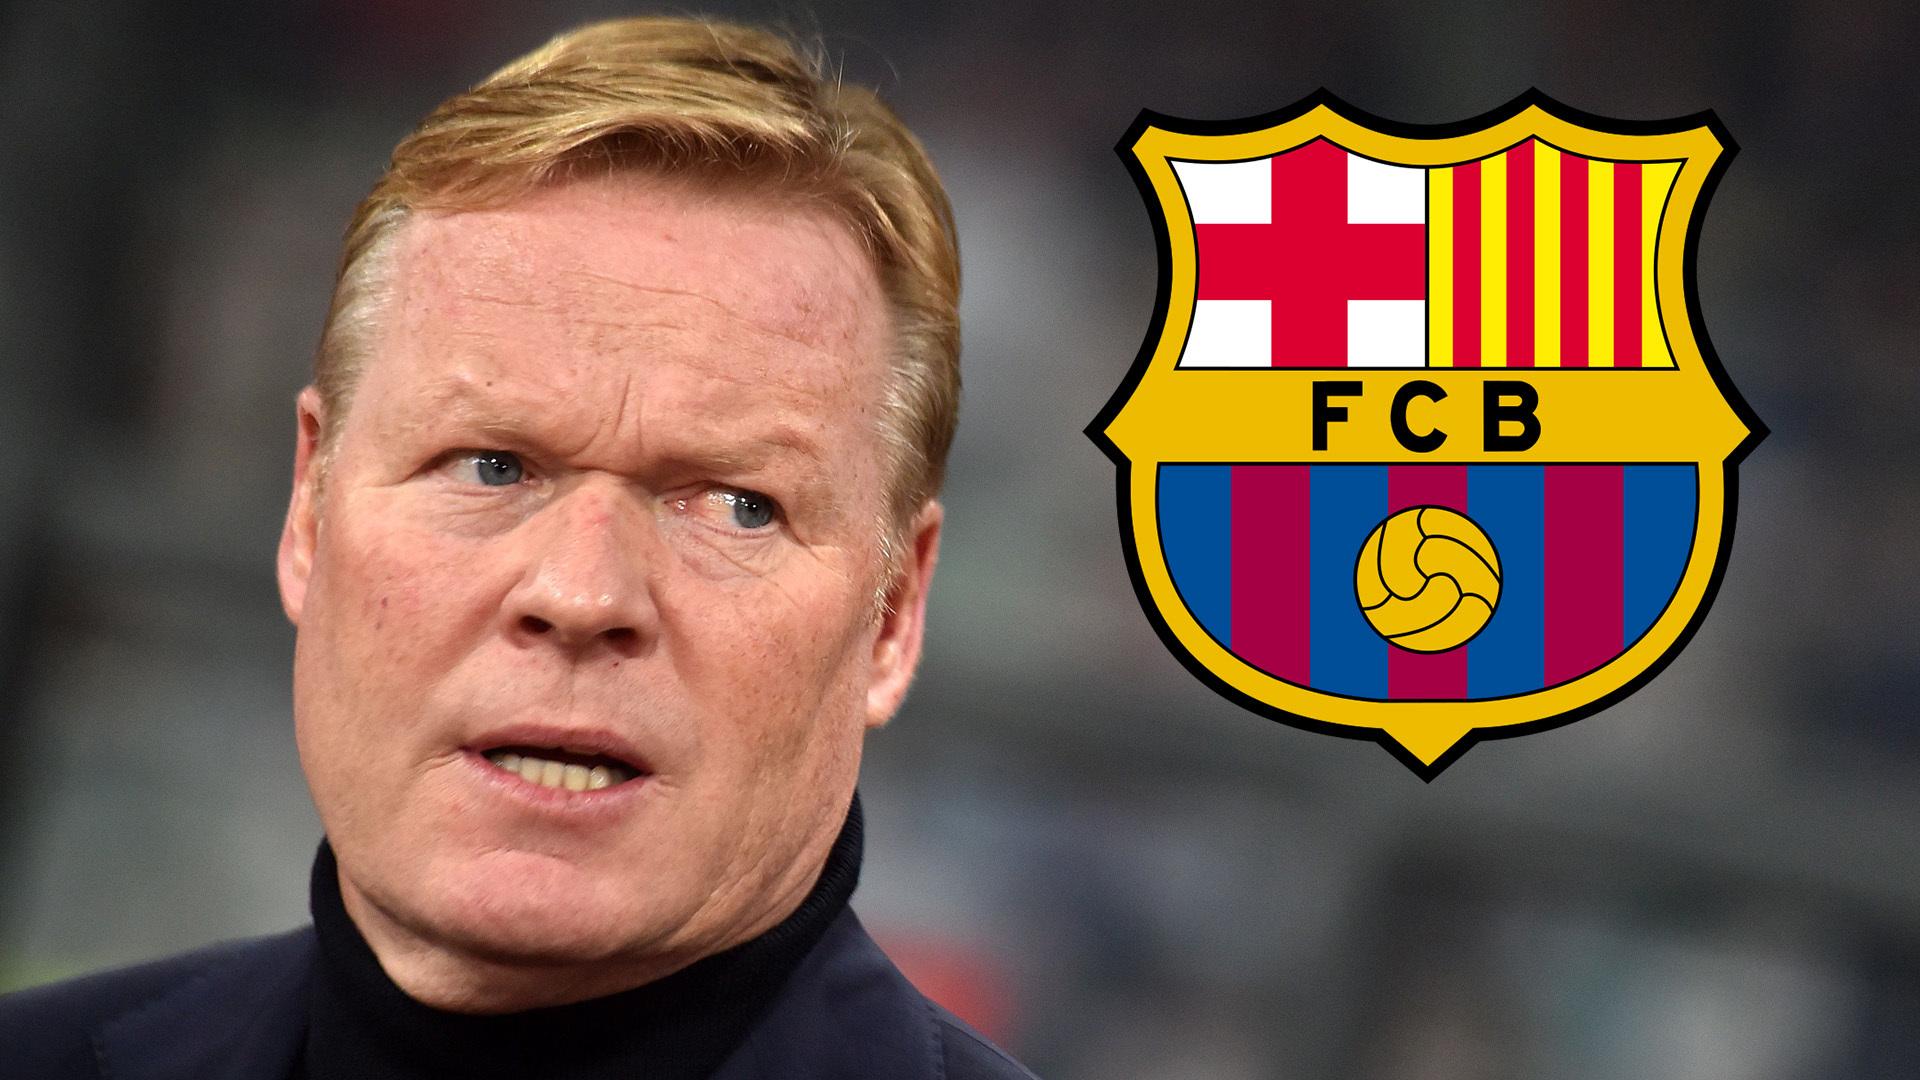 Thua muối mặt, Barca tức tốc sa thải HLV trưởng